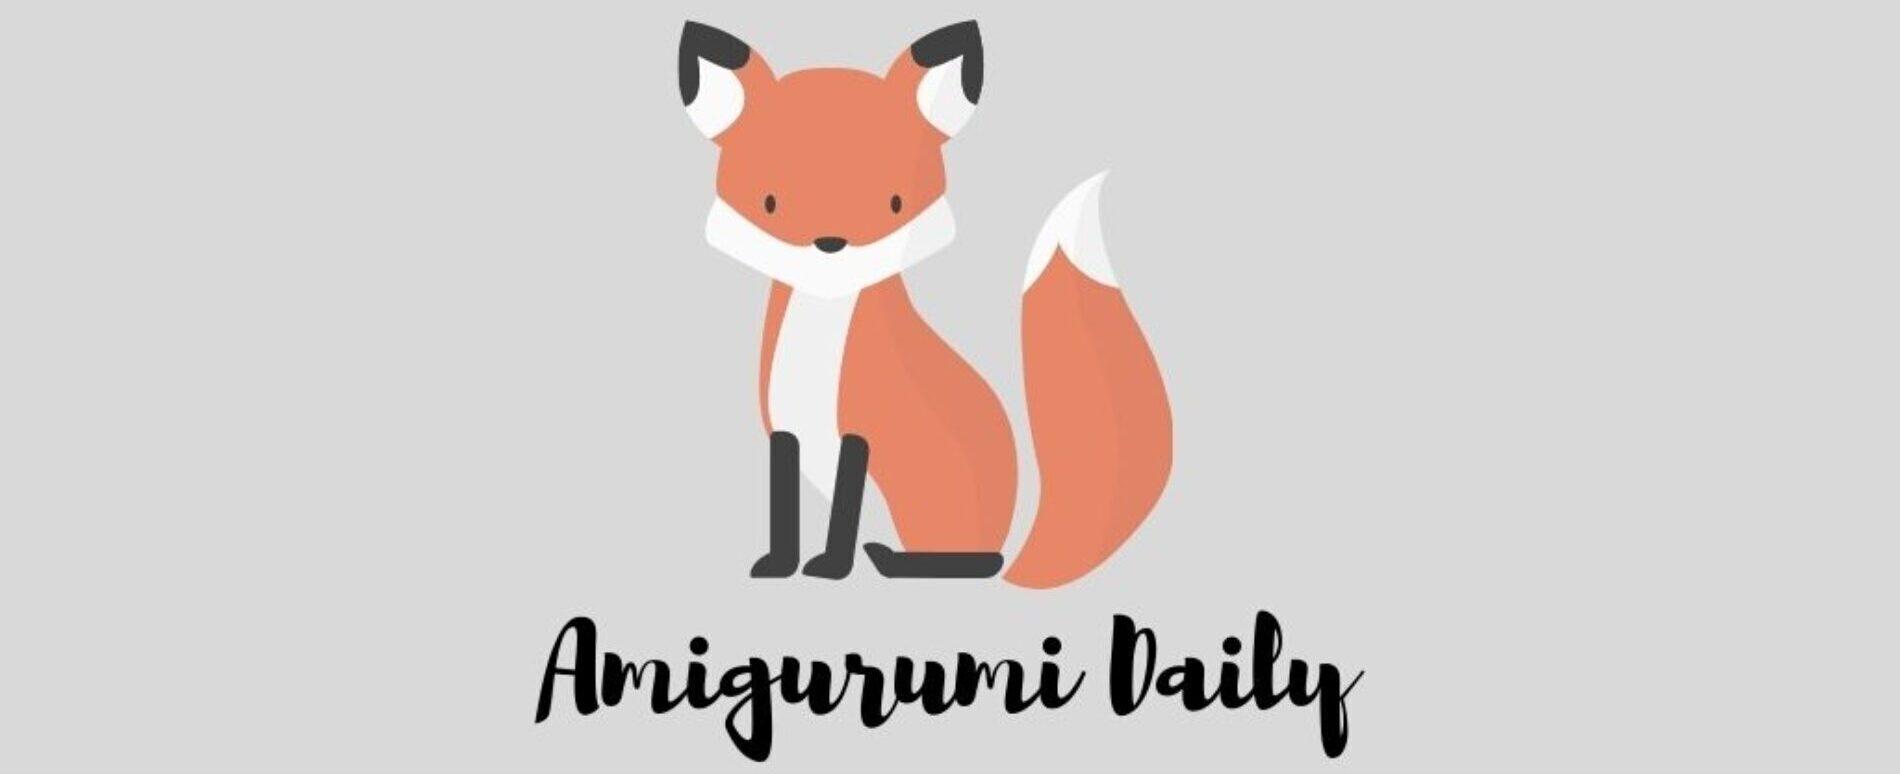 Amigurumi Daily